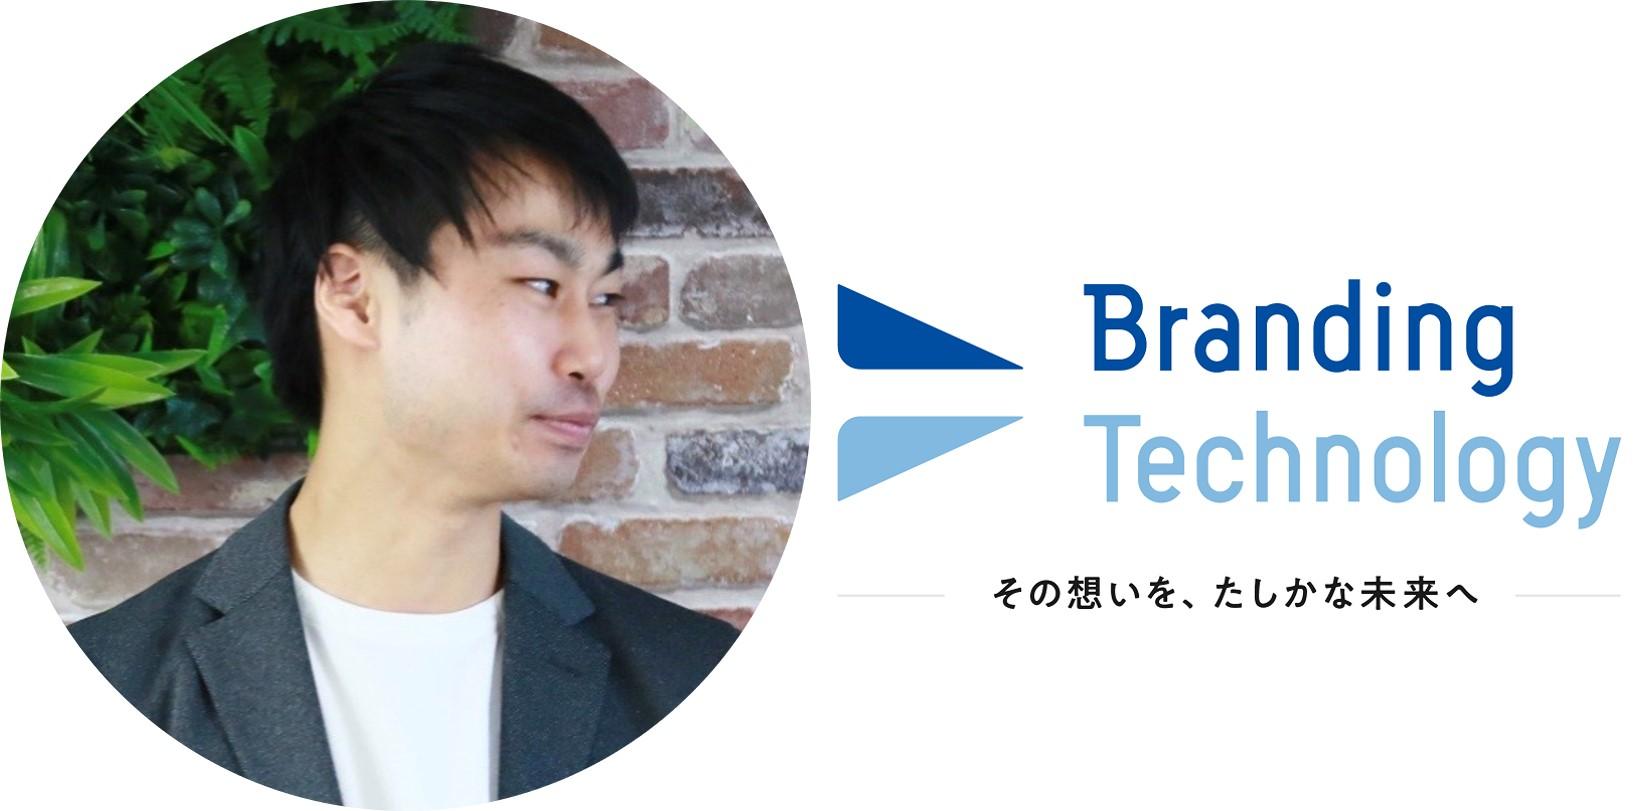 ブランディングテクノロジー株式会社_黒澤友貴